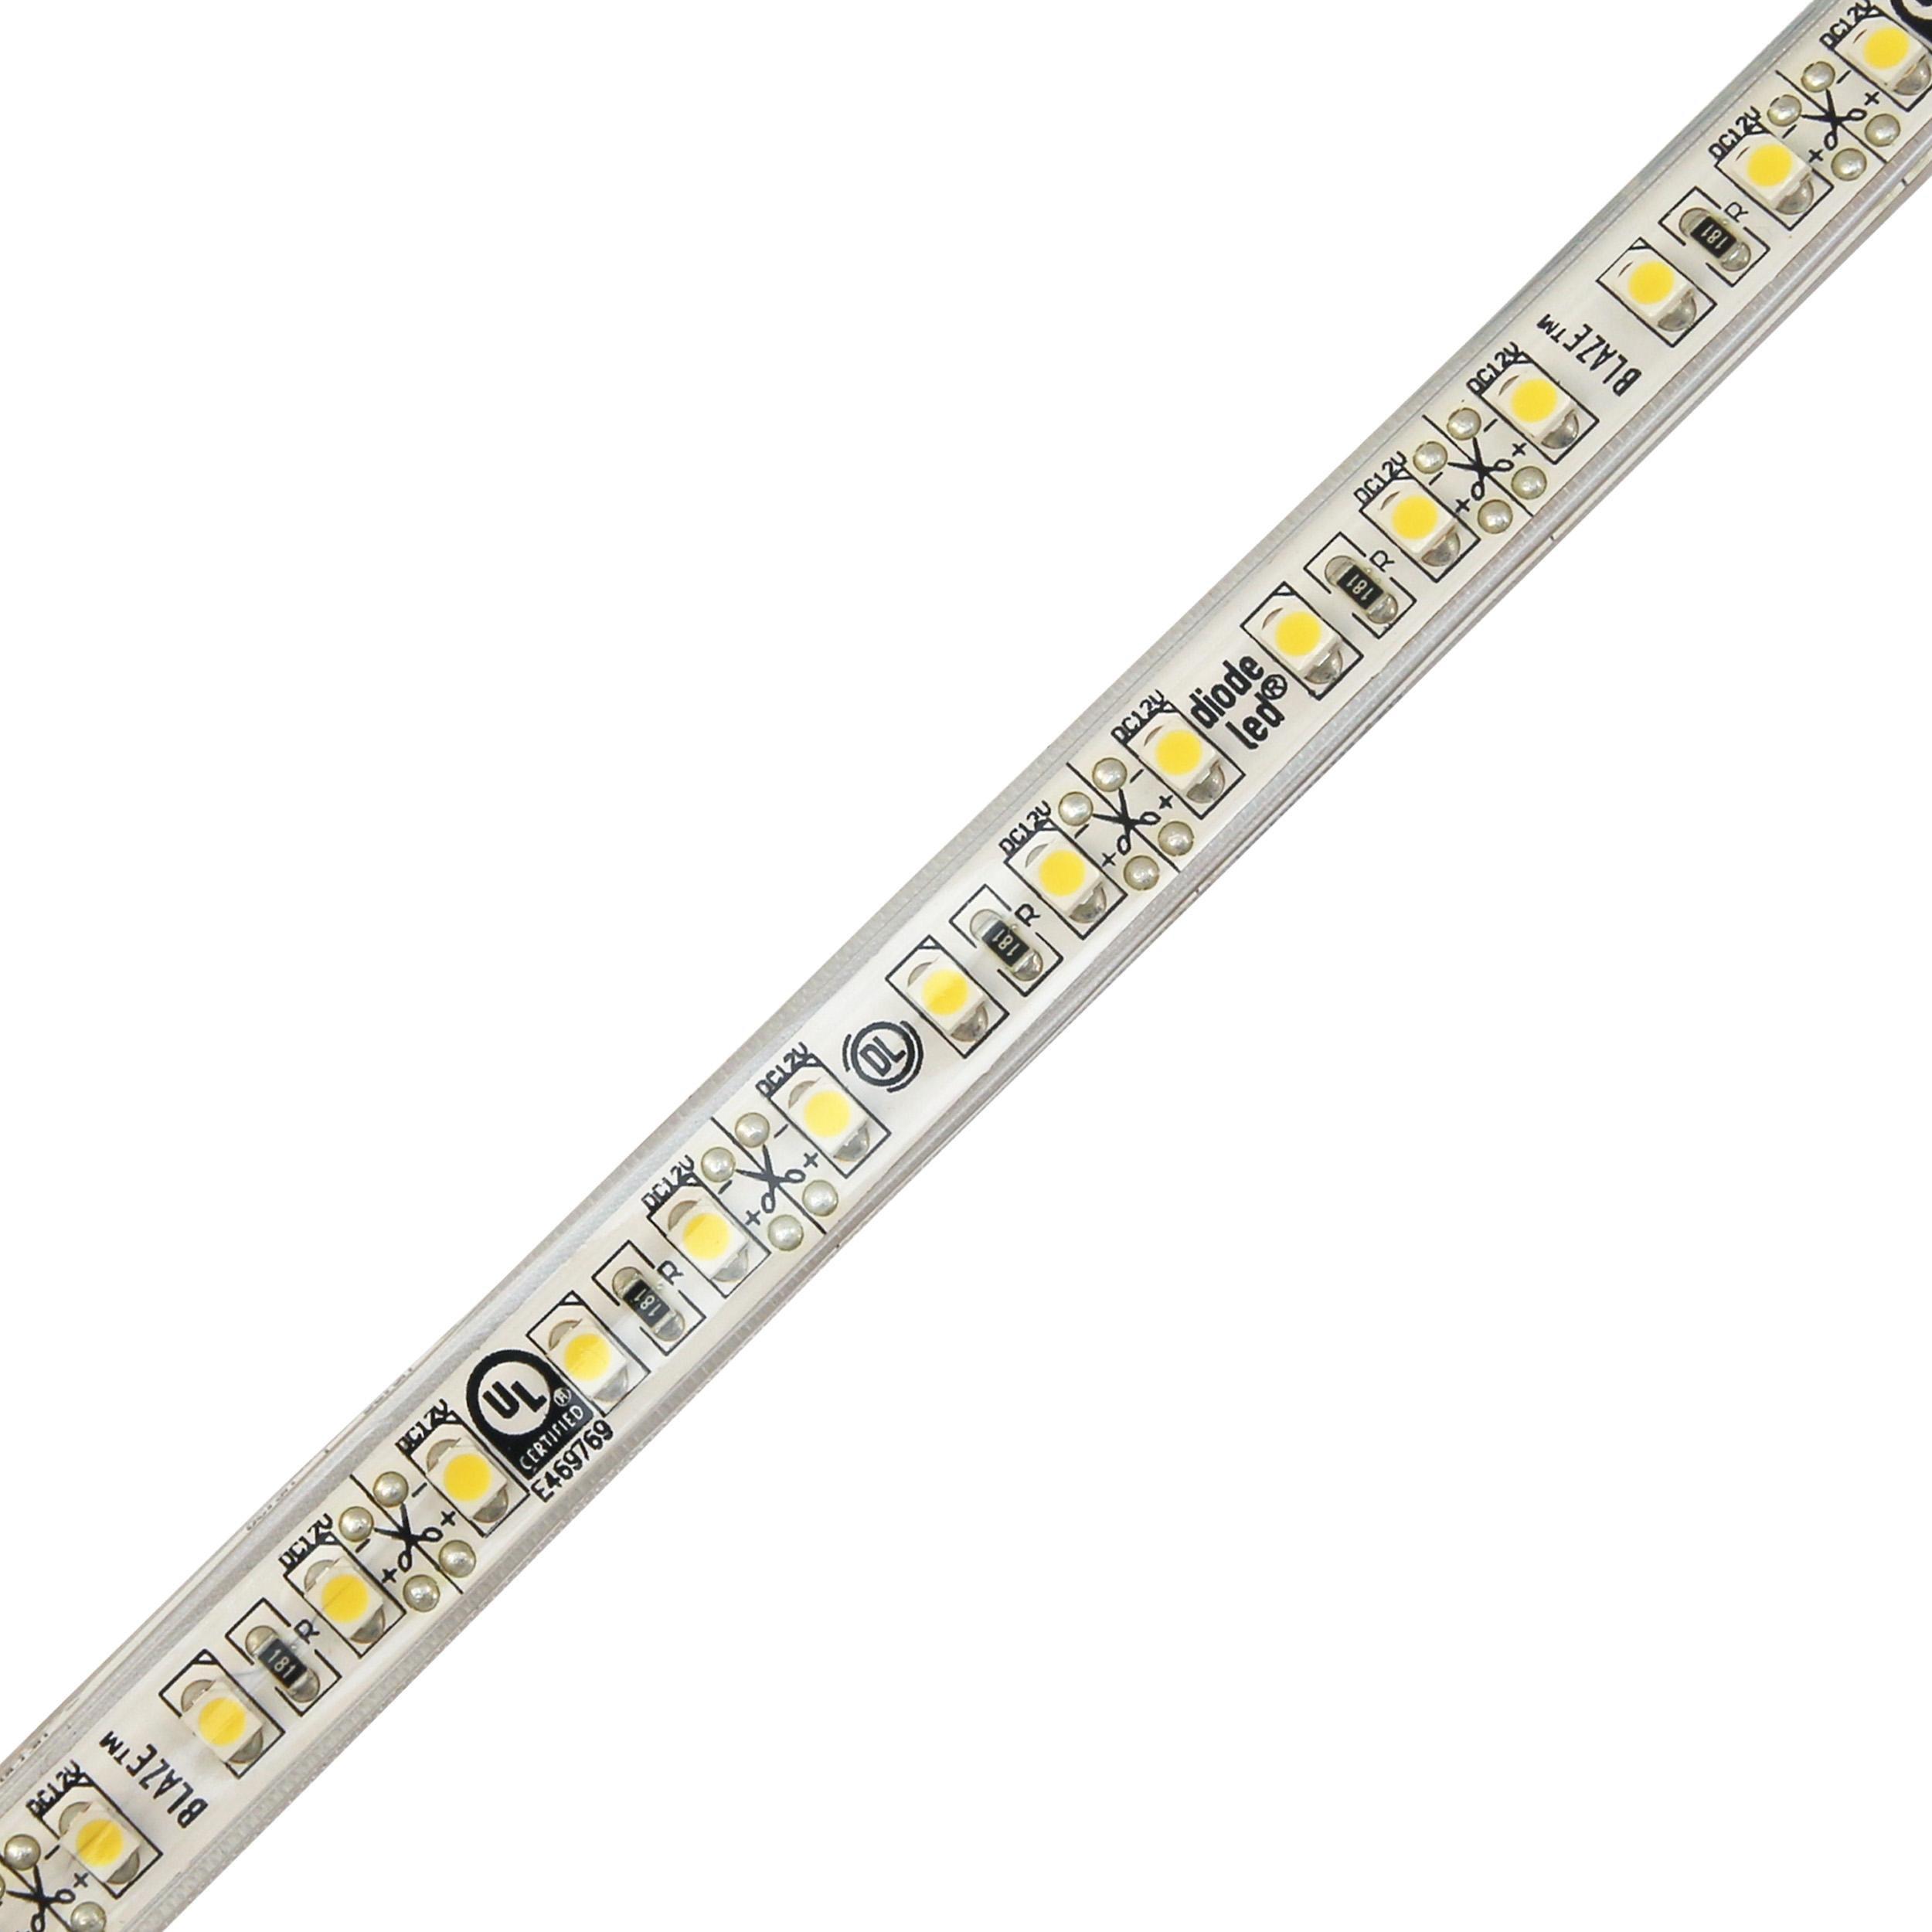 Diode LED Blaze 12V Wet Location LED Strip Light 80 CRI 3000K 16.4ft 2.88W/ft